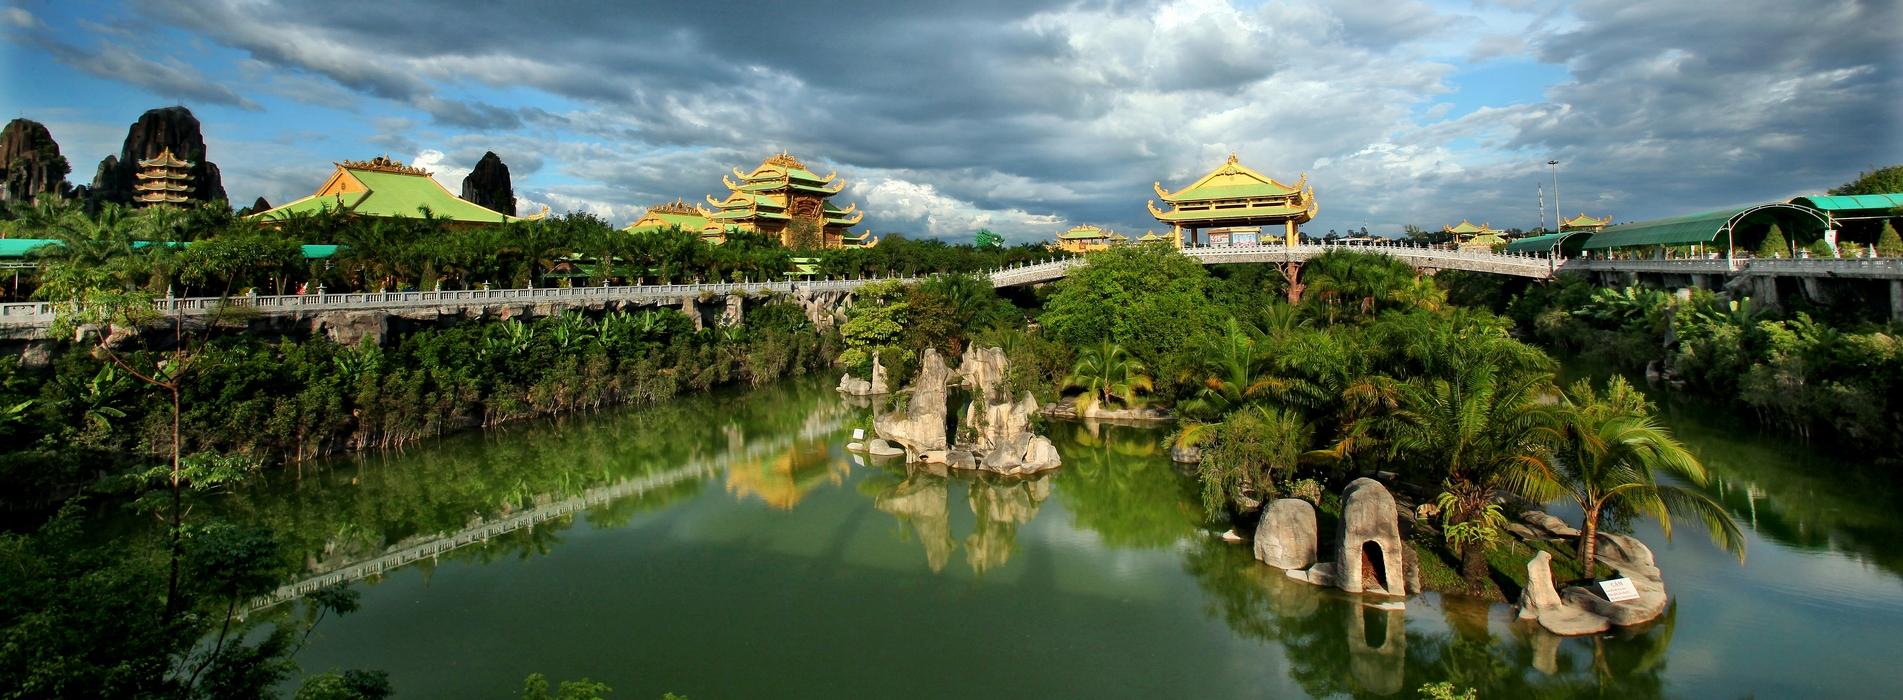 Chồng bà Phương Hằng từng bị nói ước mơ ngu xuẩn khi làm khu du lịch Đại Nam nhưng ông đã chứng minh bằng điều đáng kinh ngạc - Ảnh 4.